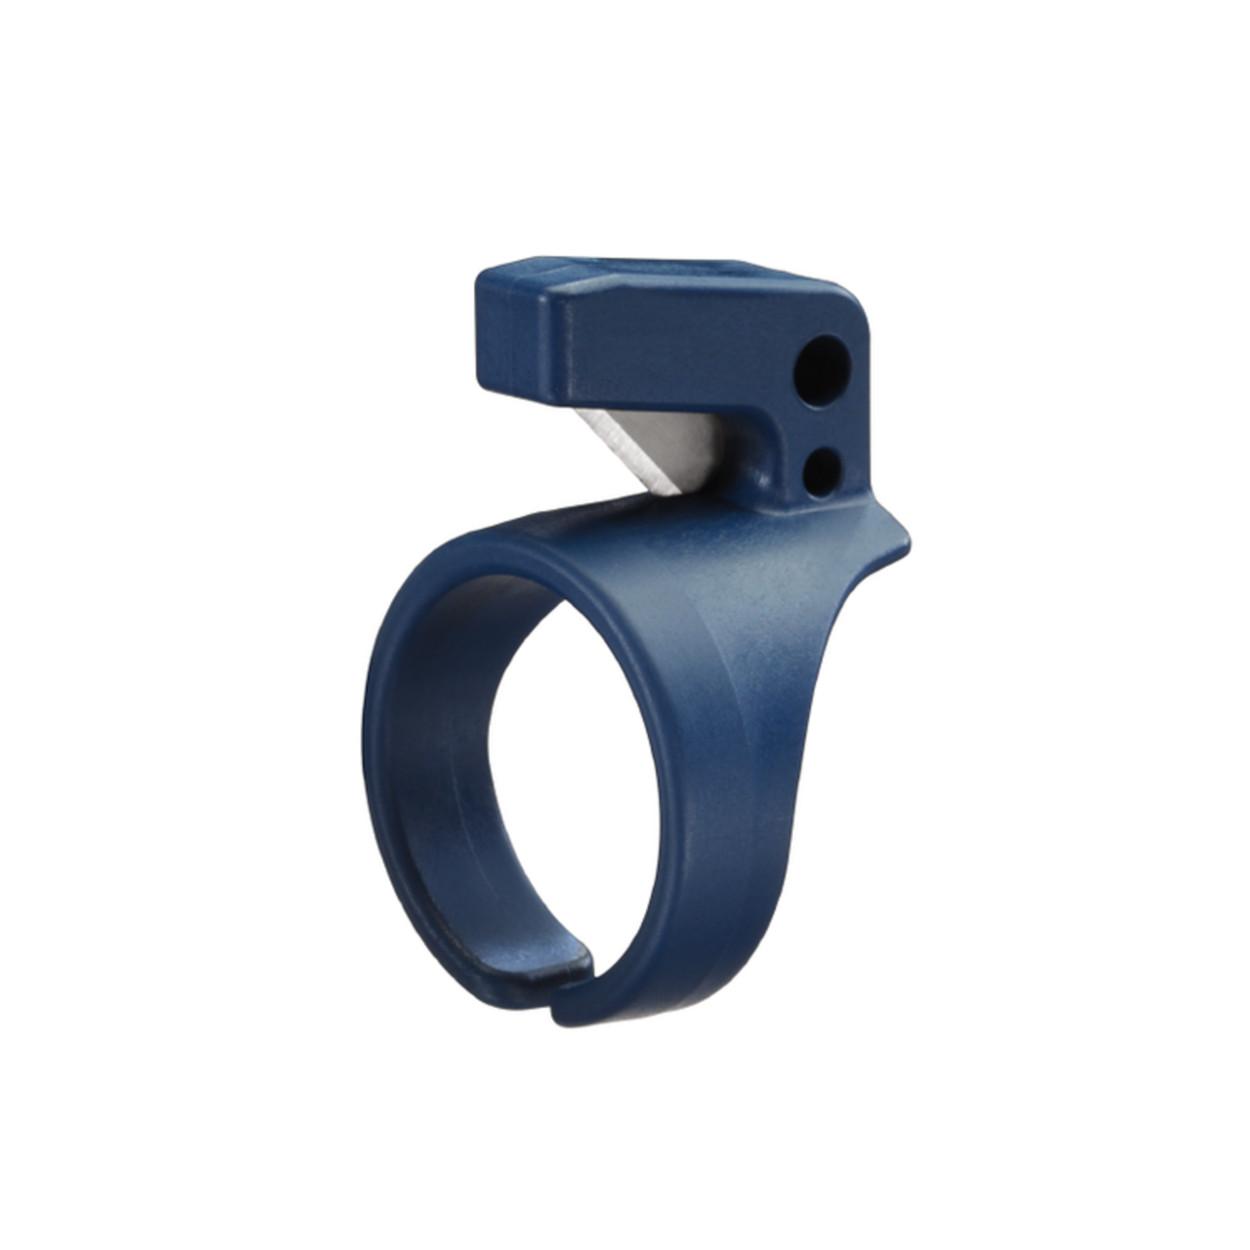 RING 307 - Pierścień z bezpiecznym nożem